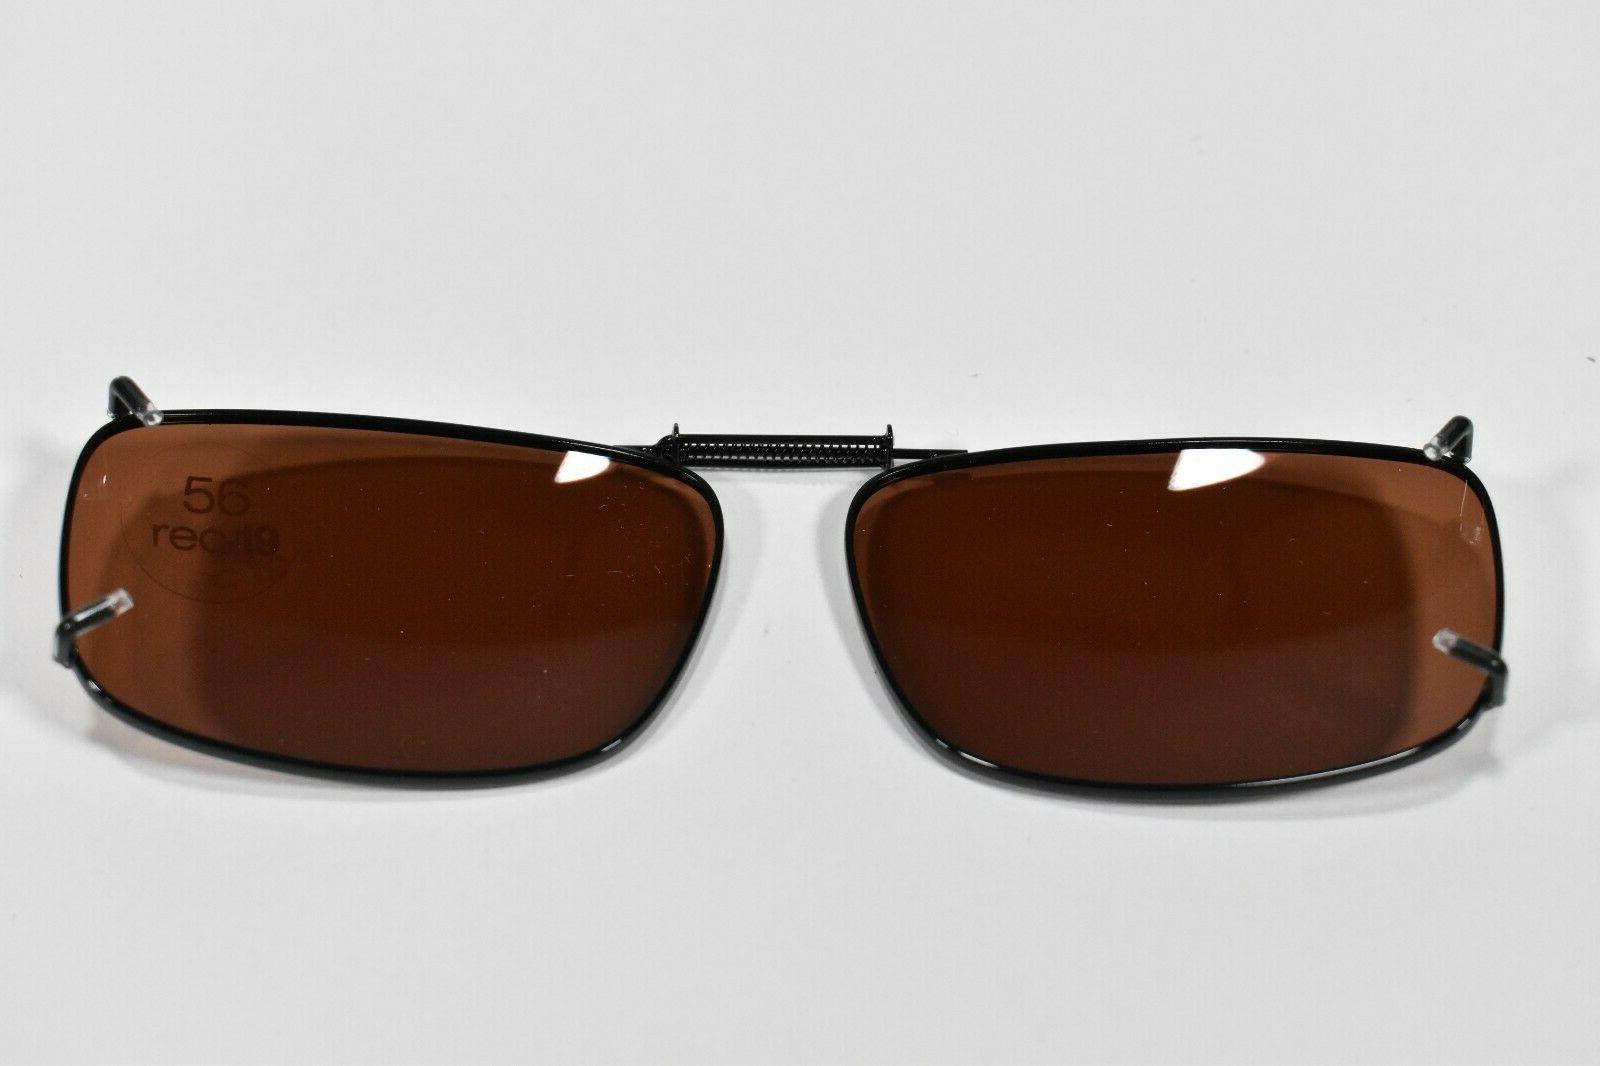 SOLAR Sunglasses 56